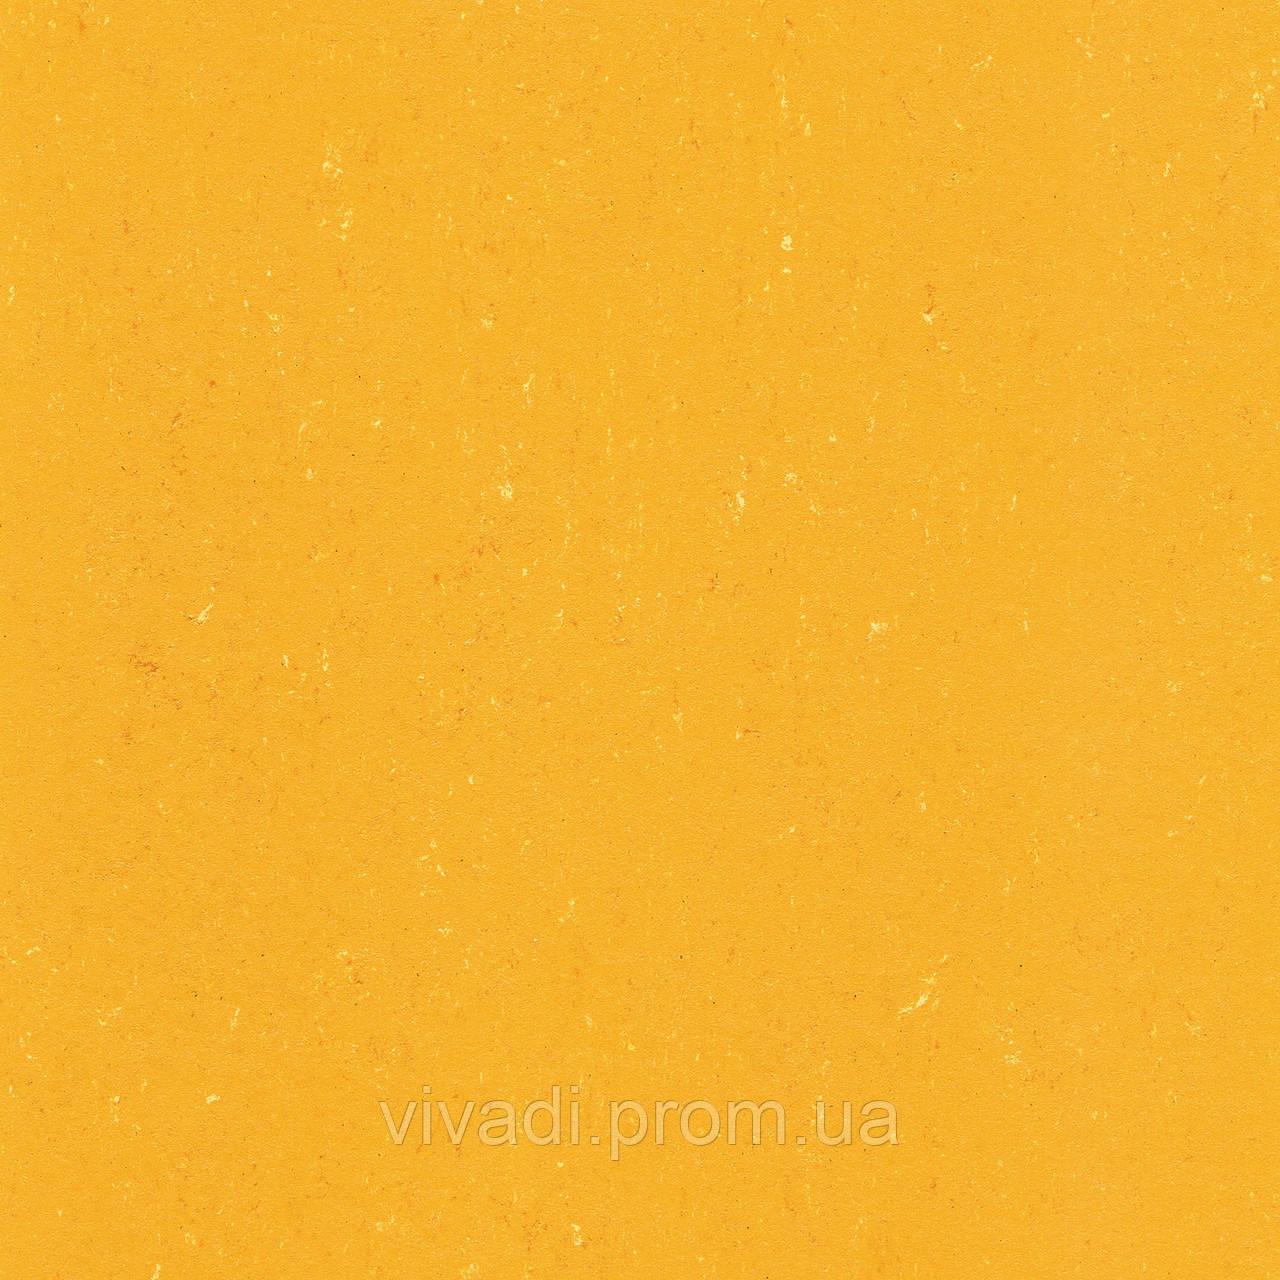 Натуральний лінолеум Colorette PUR - колір 137-171